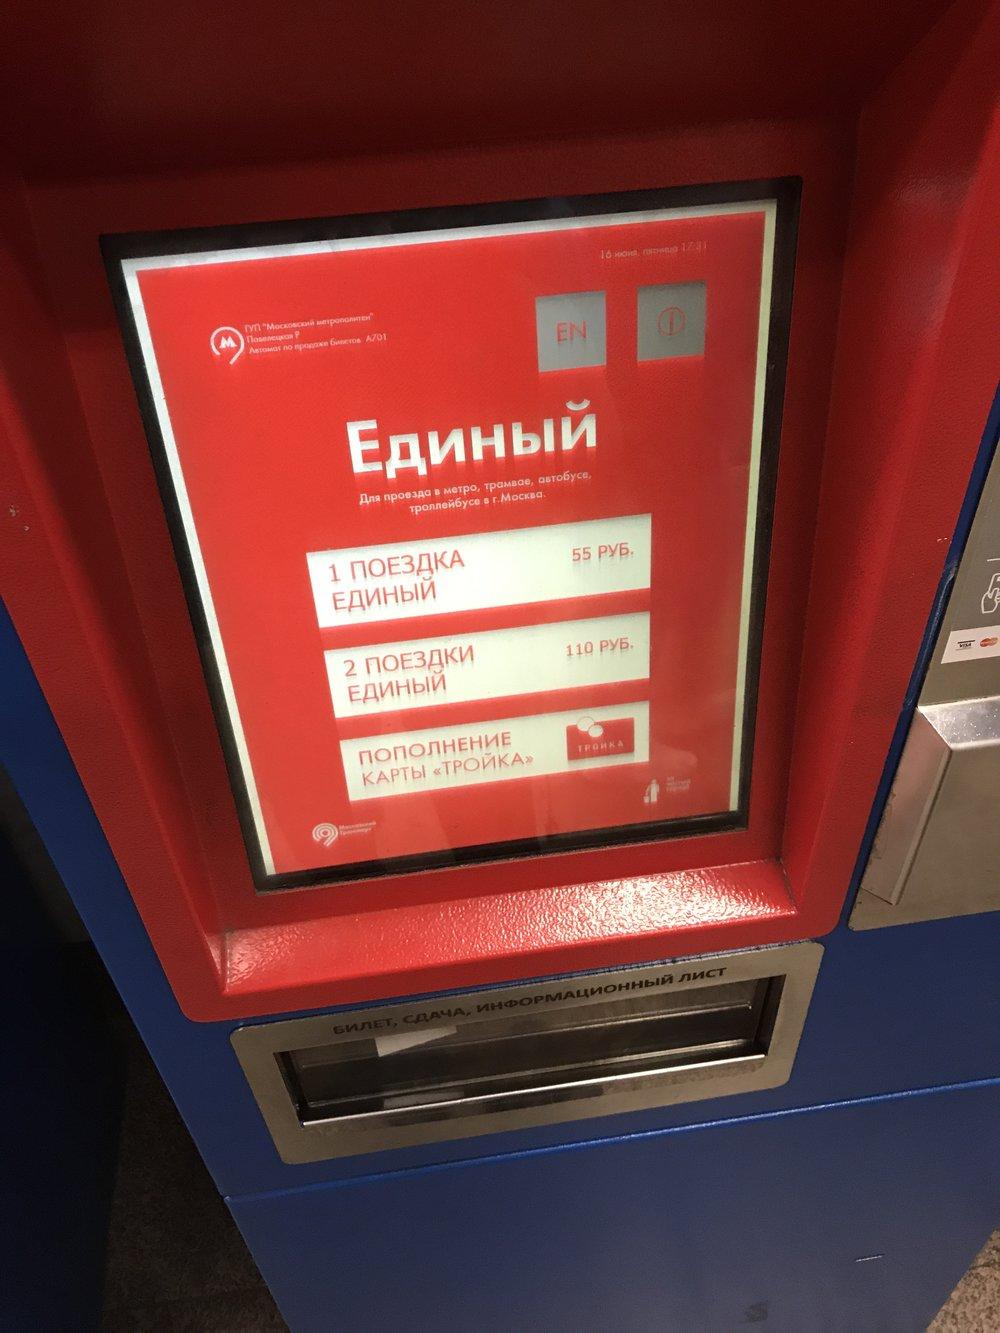 جهاز بيع تذاكر المترو وسط المدينة ٦٠ روبل